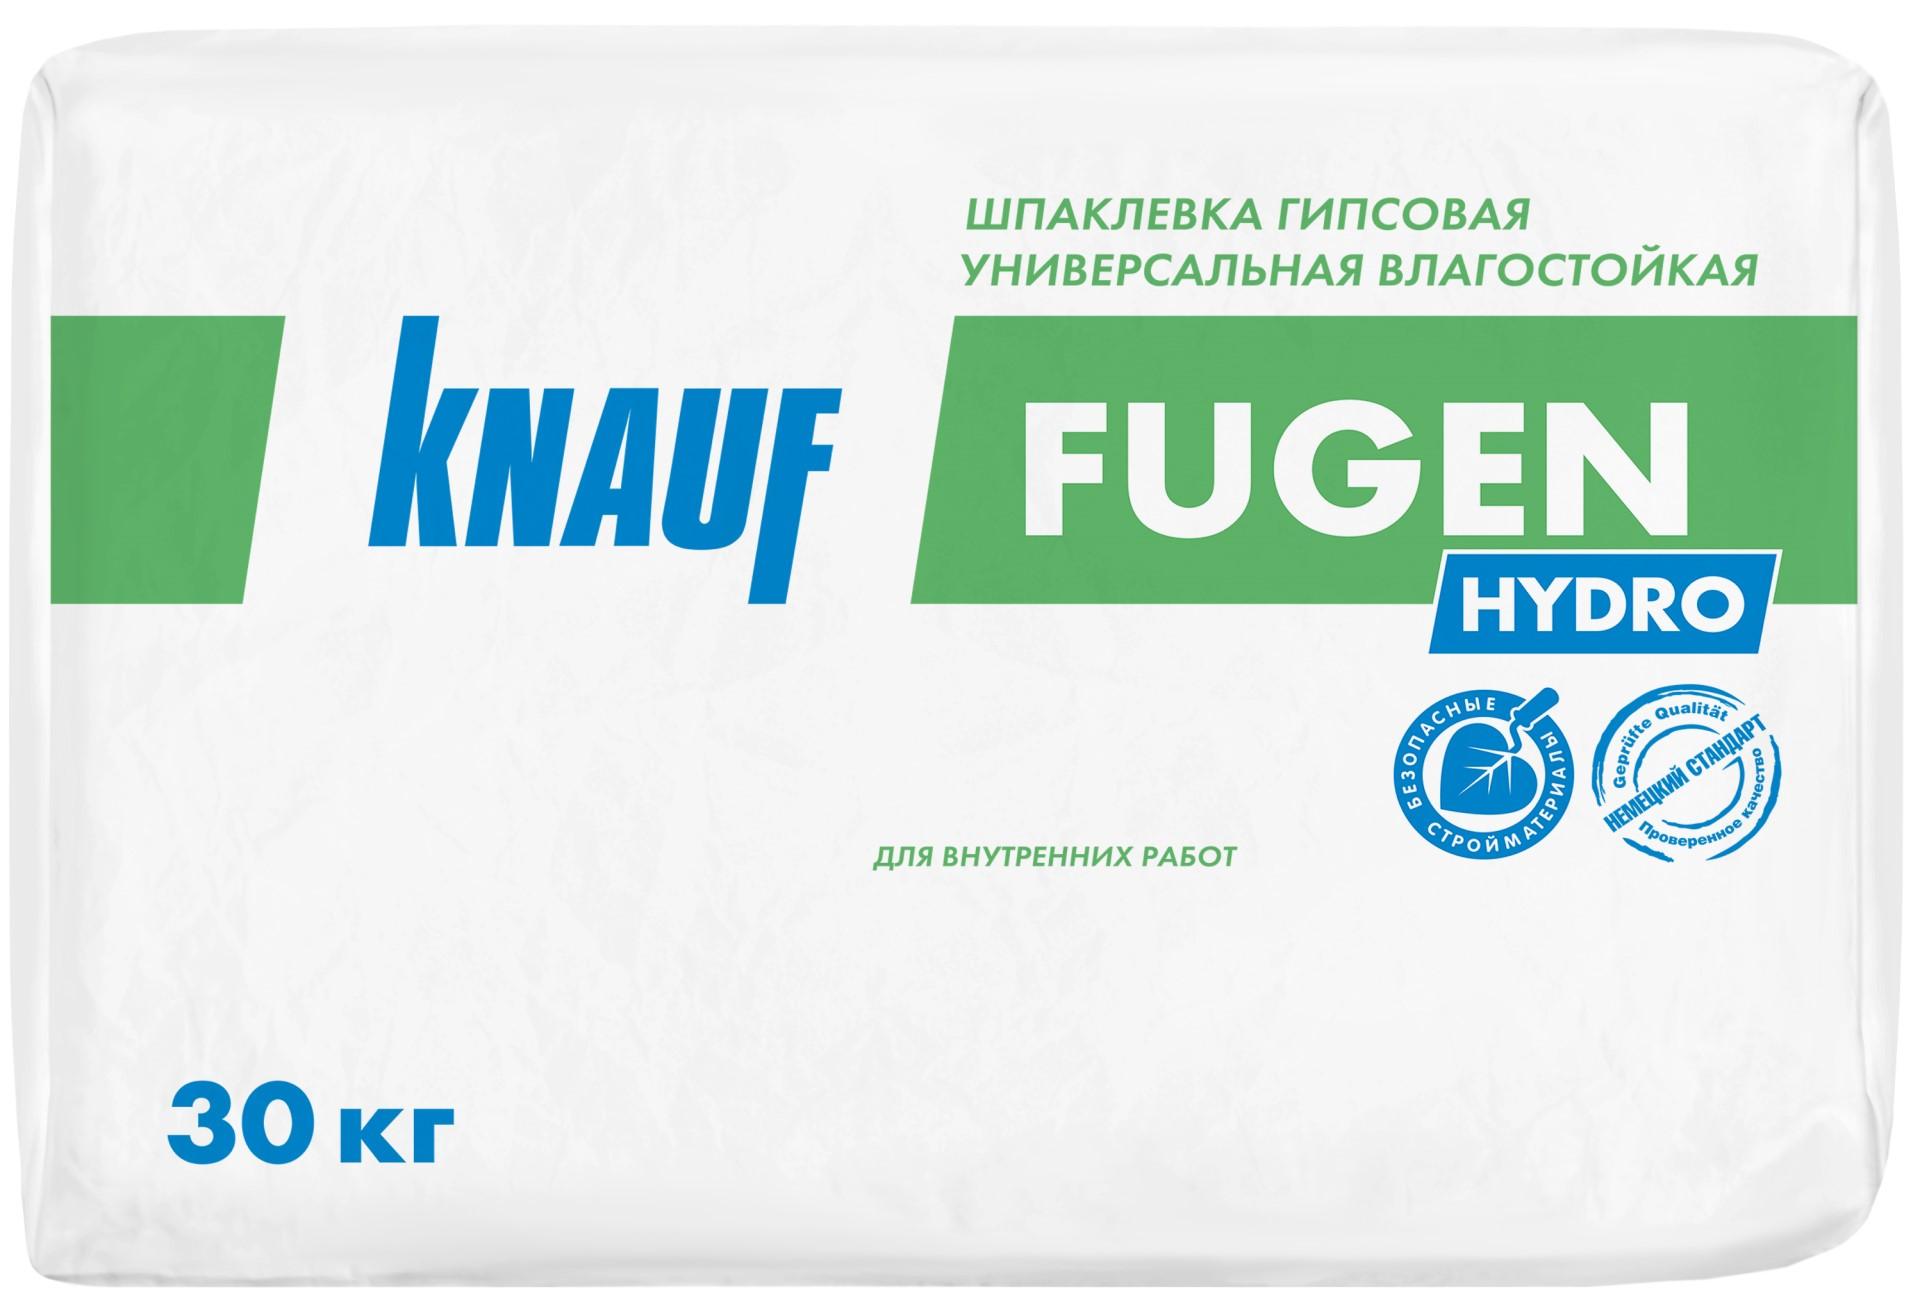 Купить Шпатлевка гипсовая влагостойкая Knauf Фуген Гидро (серая), 30 кг — Фото №1